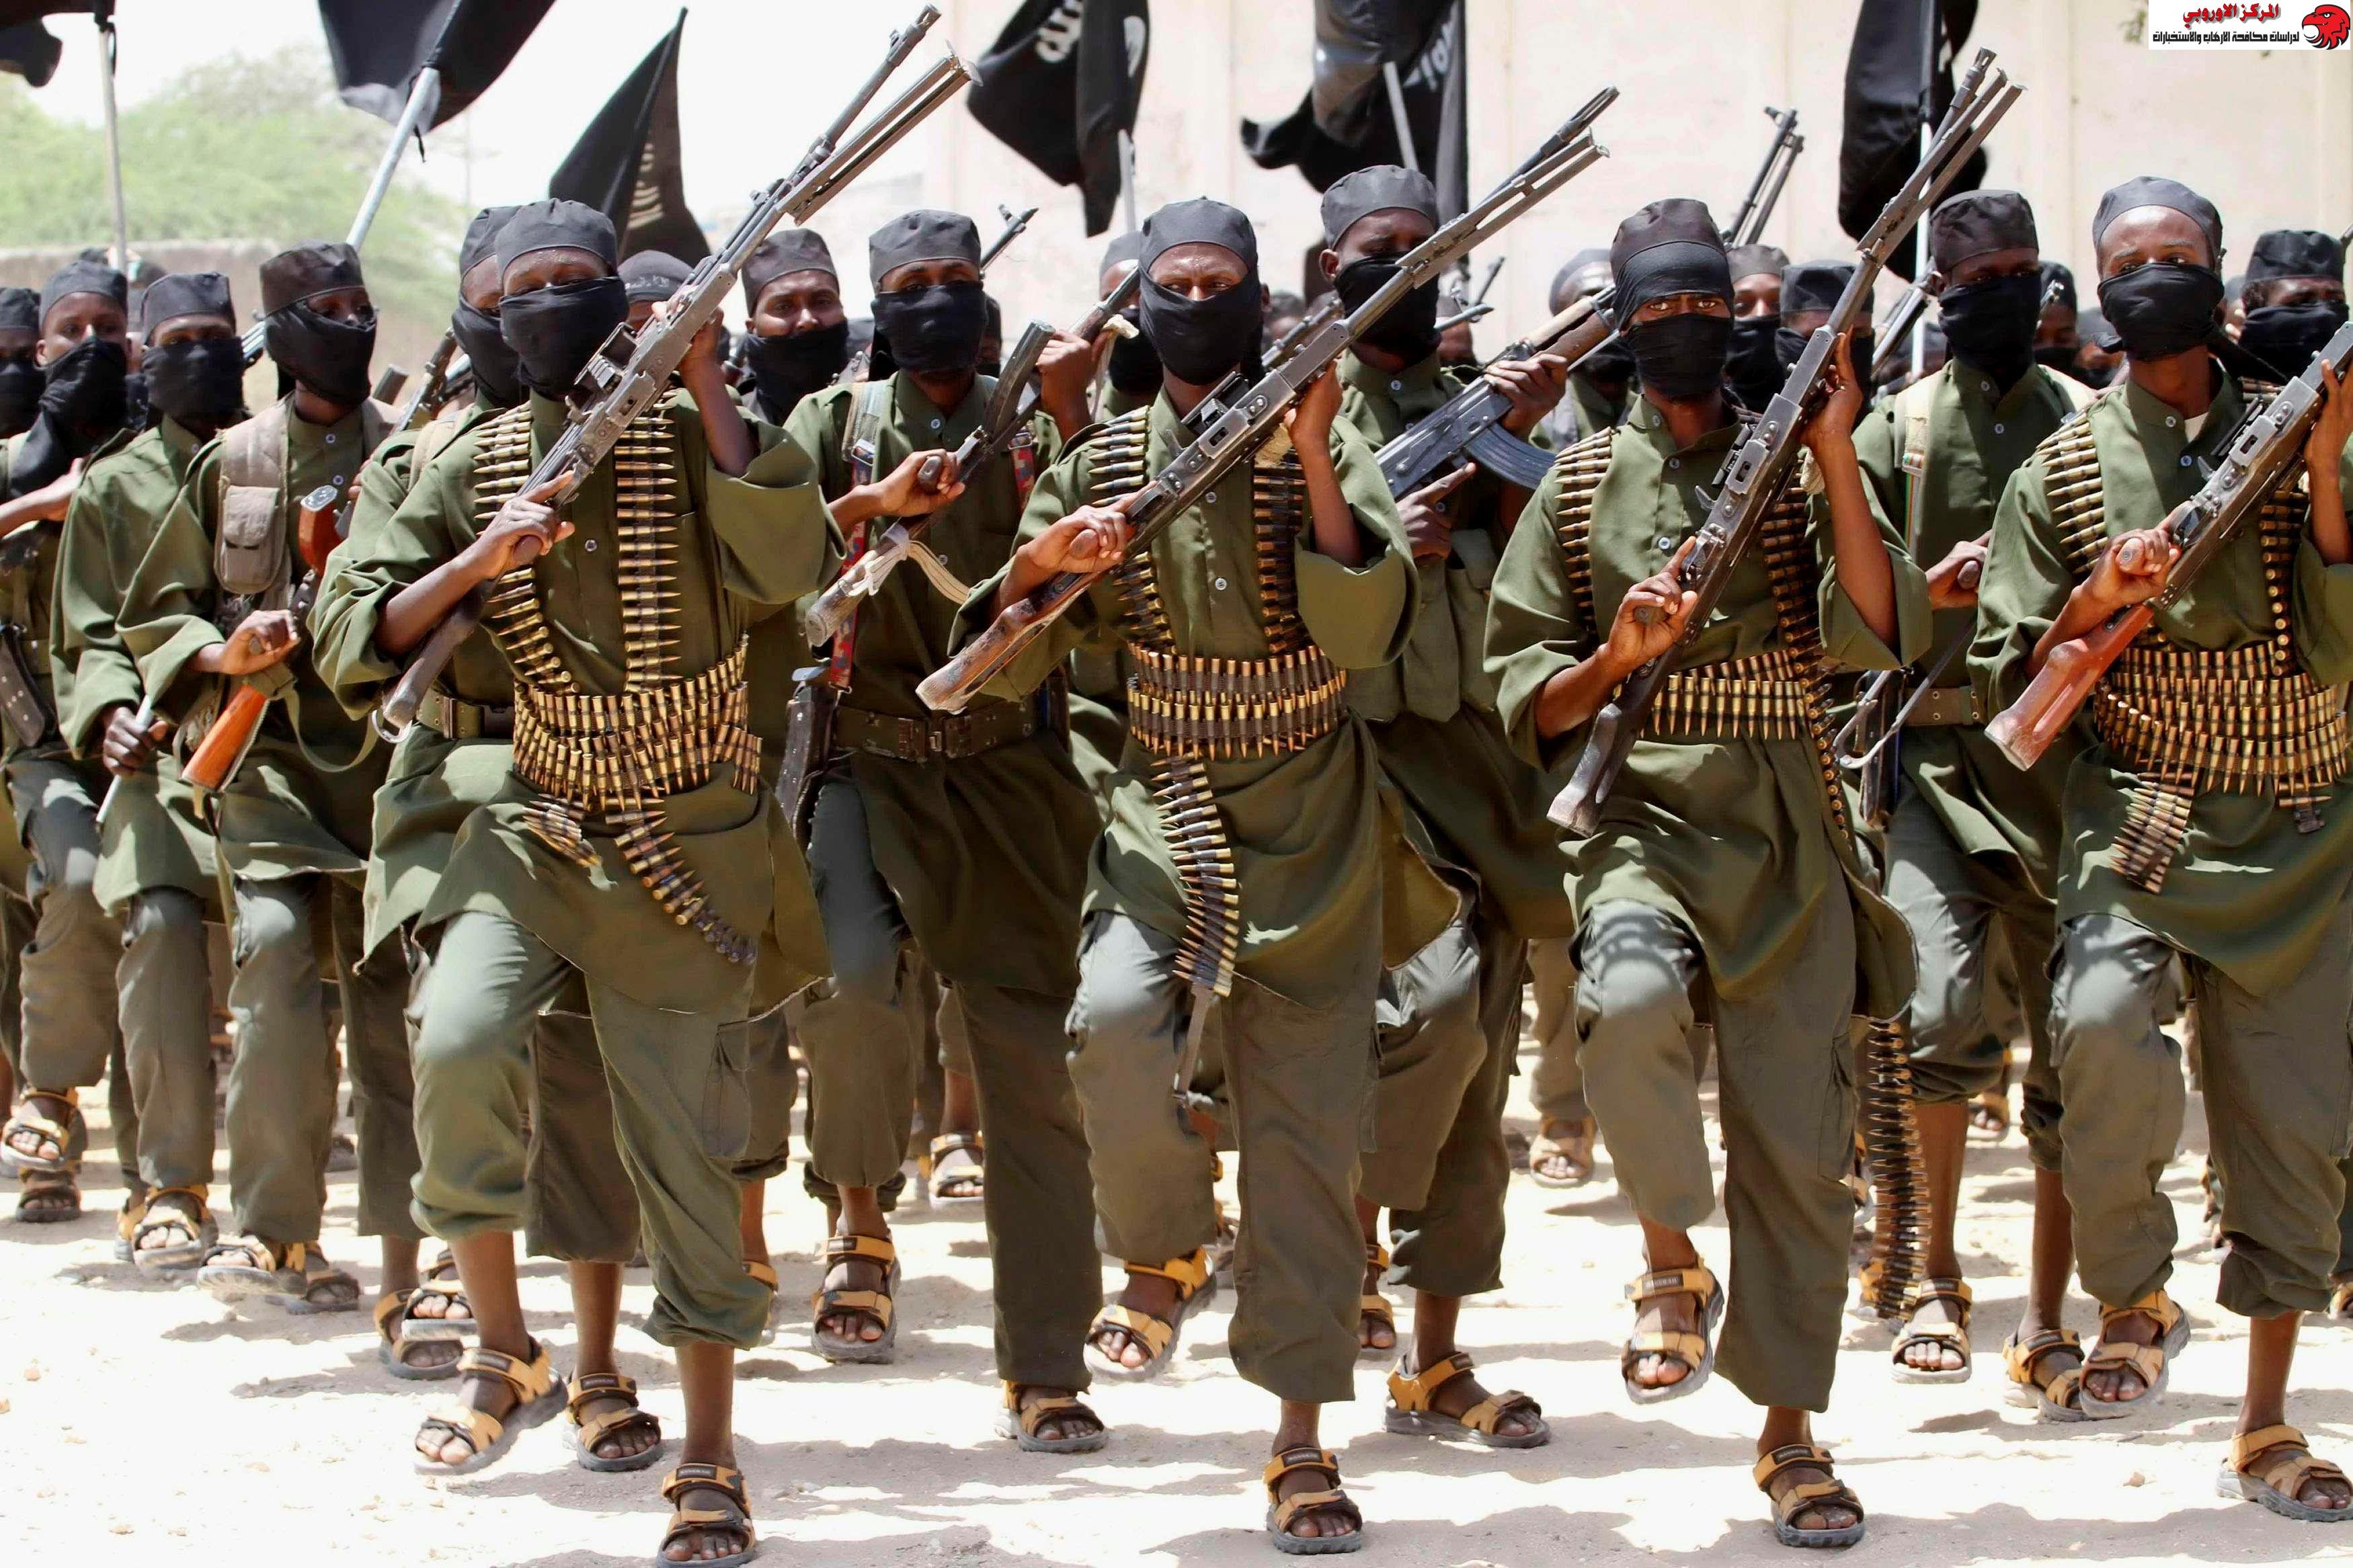 خريطة حواضن التطرف والإرهاب … الصومال